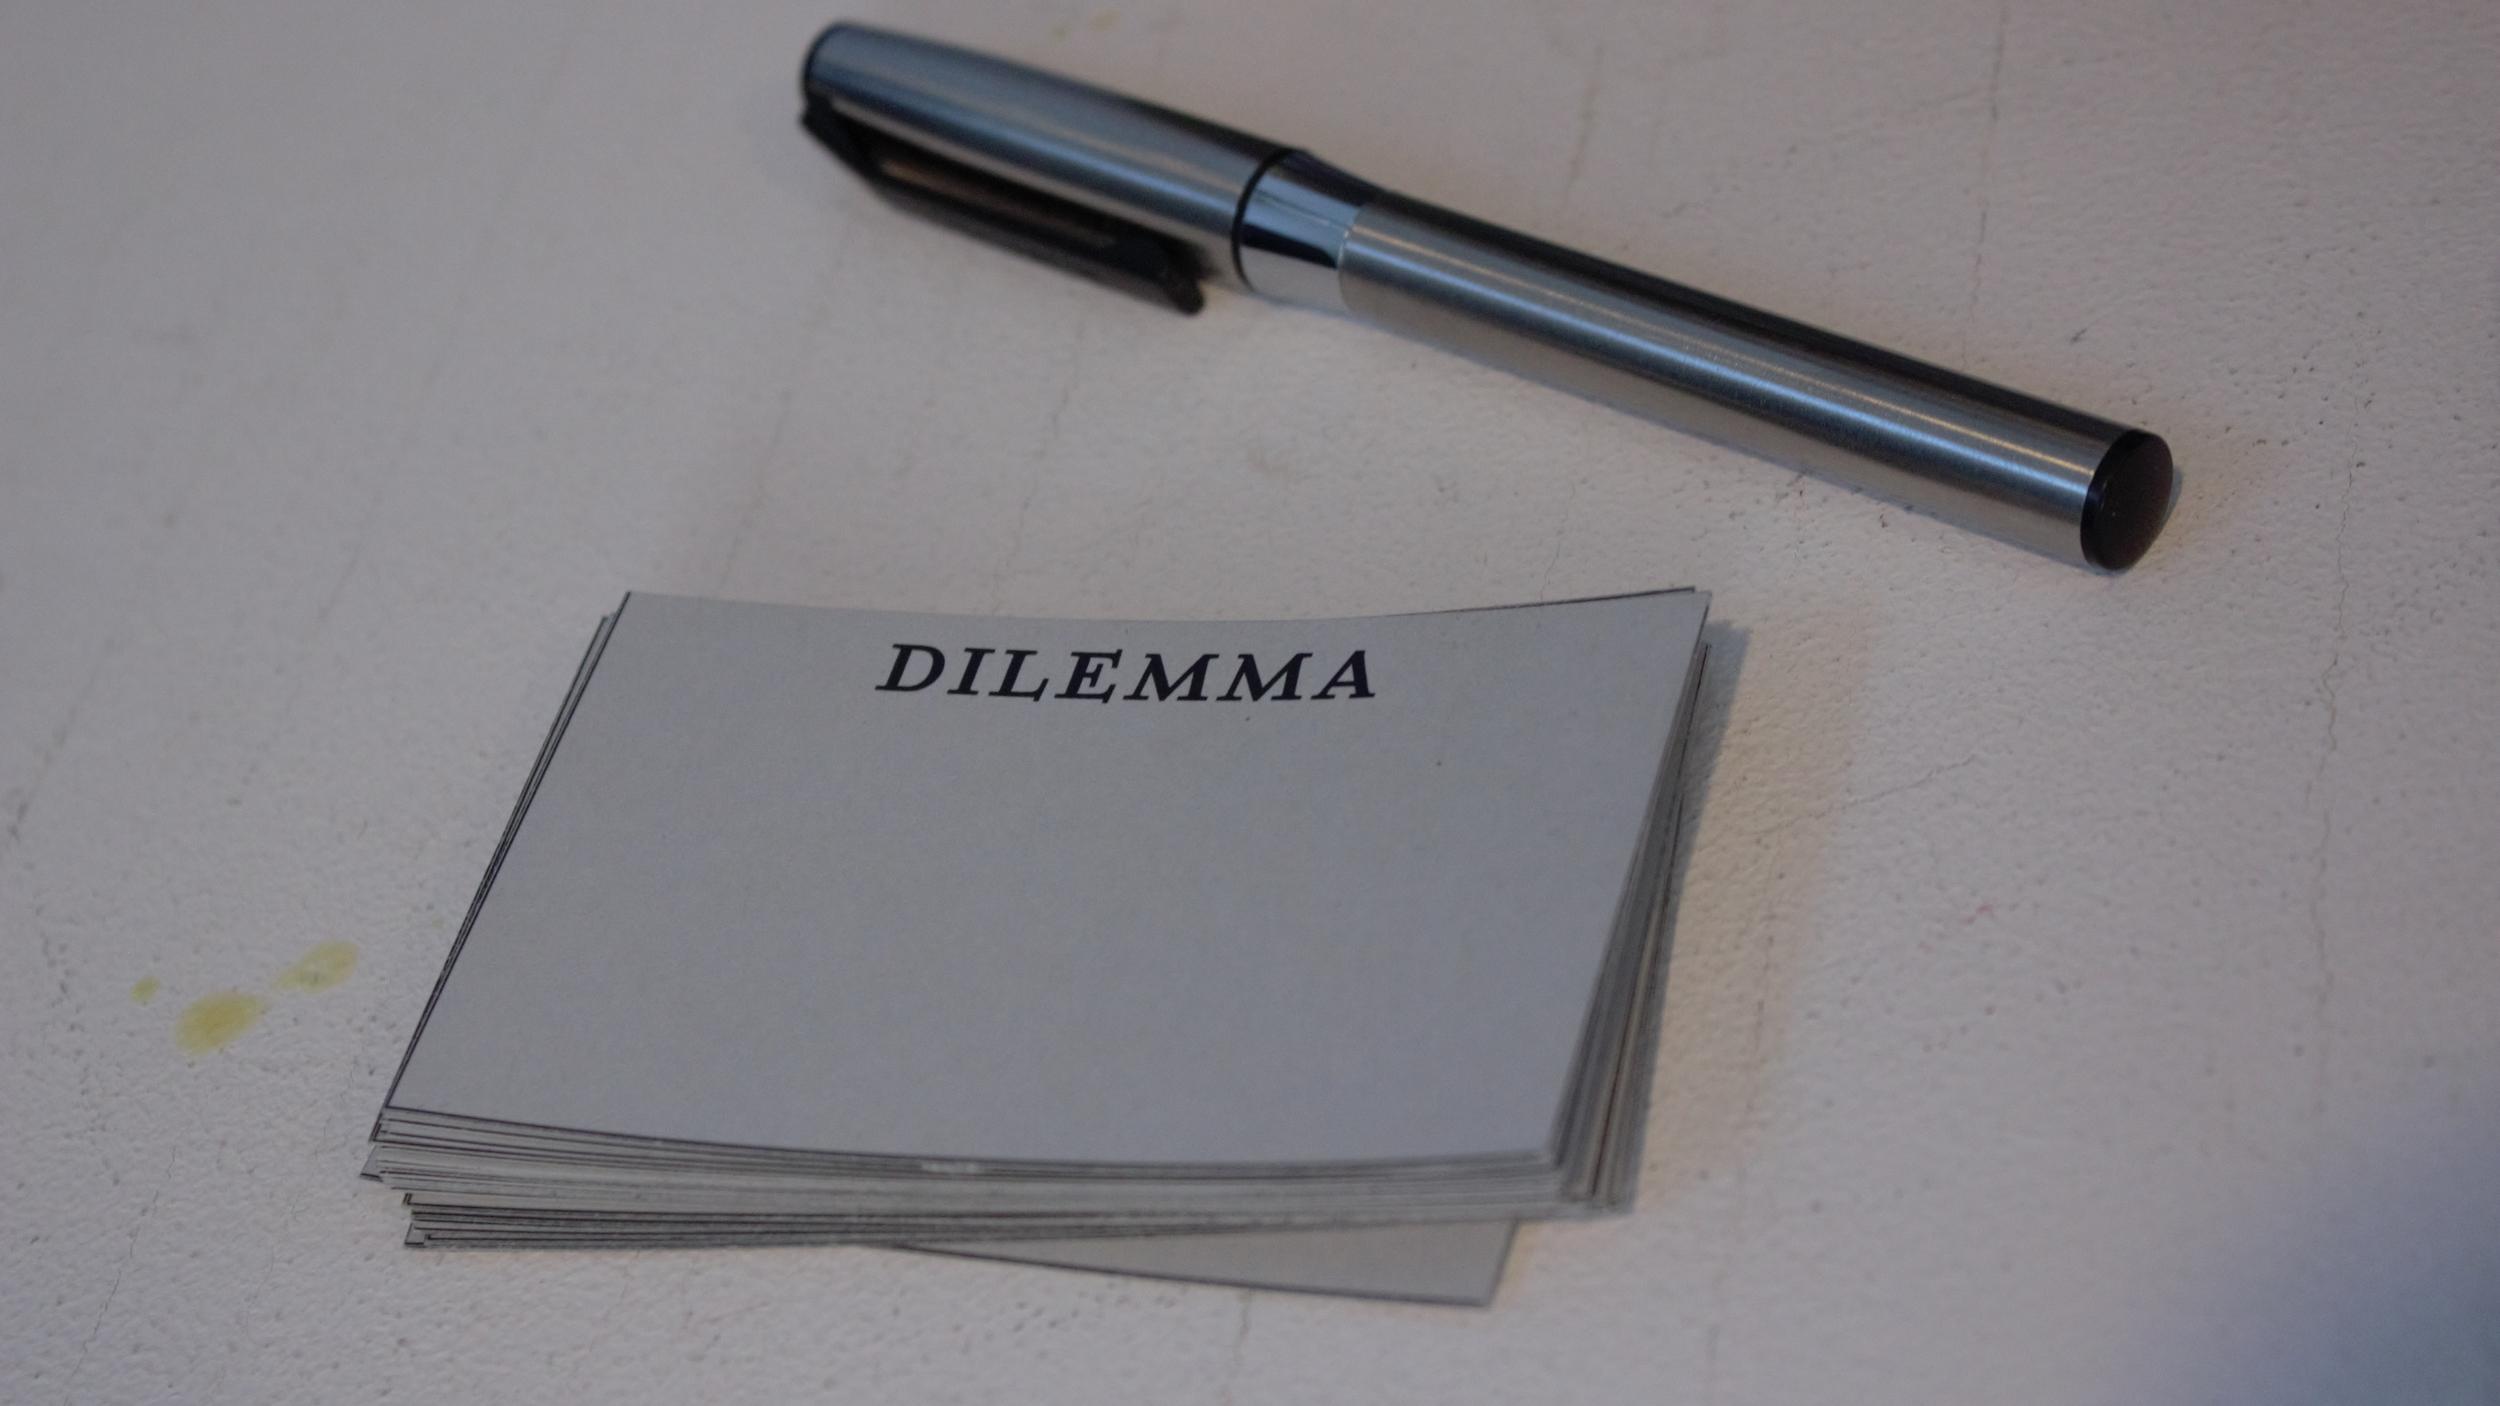 Dilemma Card.jpg